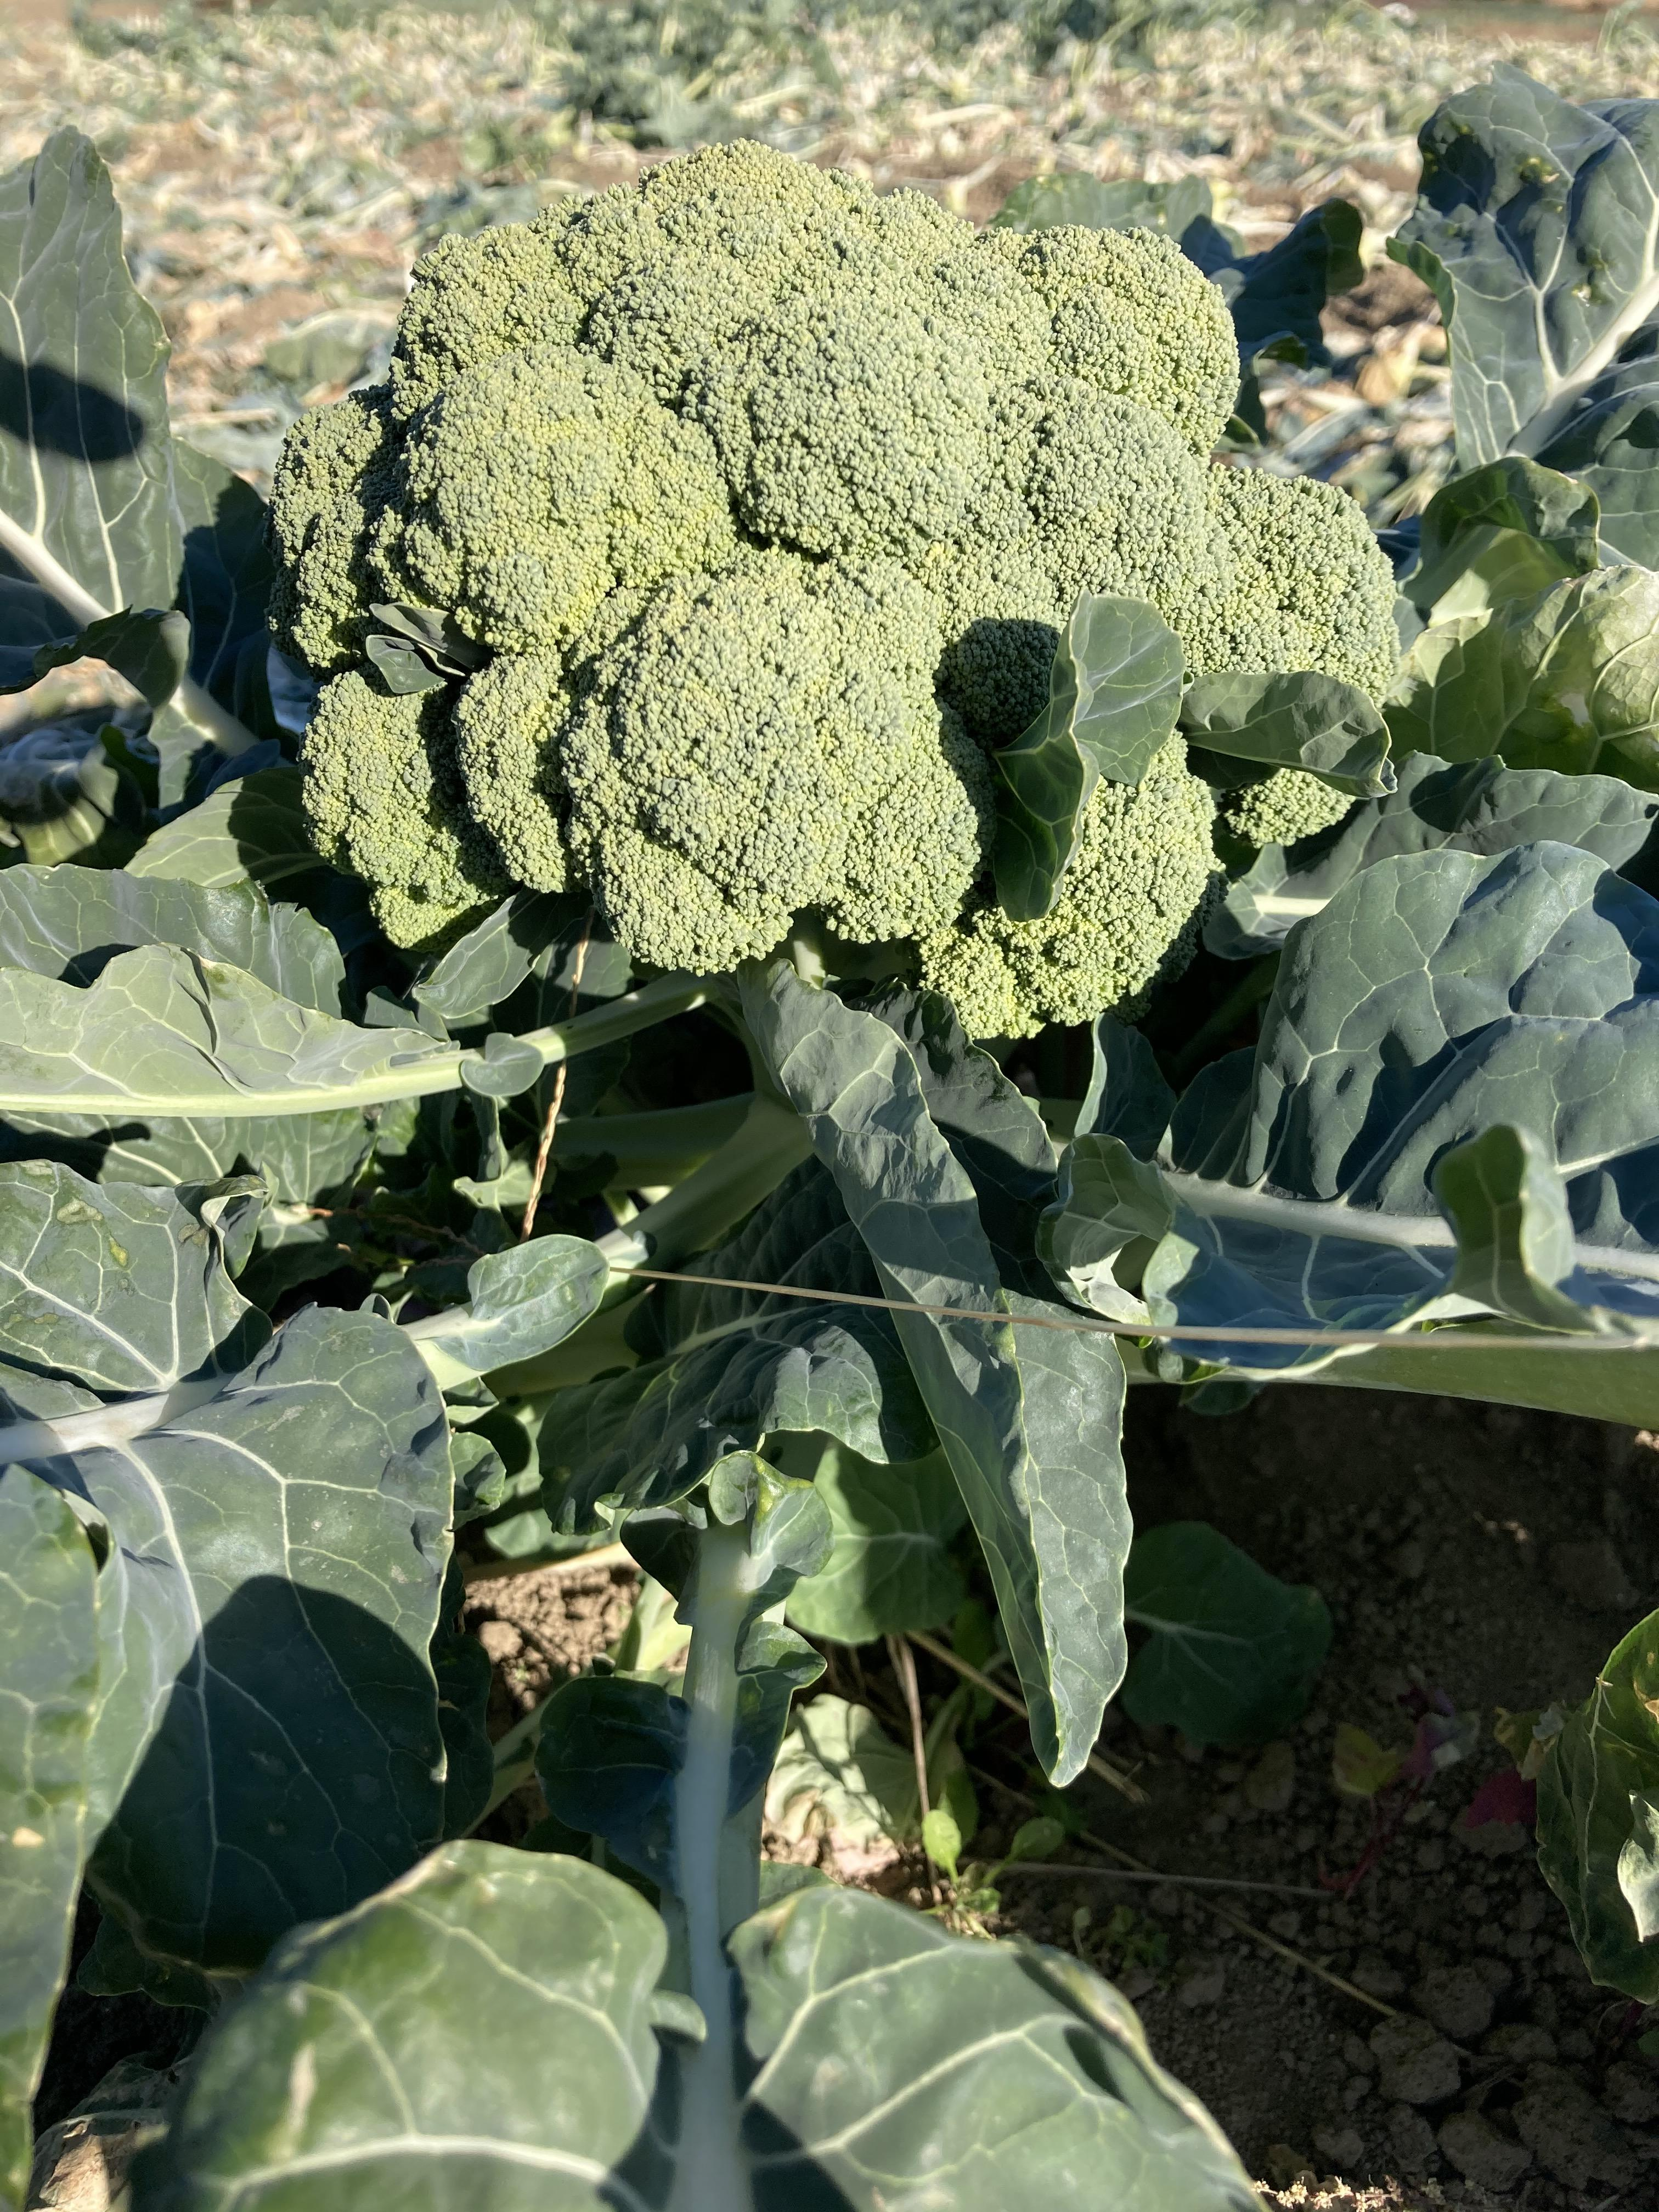 深谷市の農業 ブロッコリー畑 04